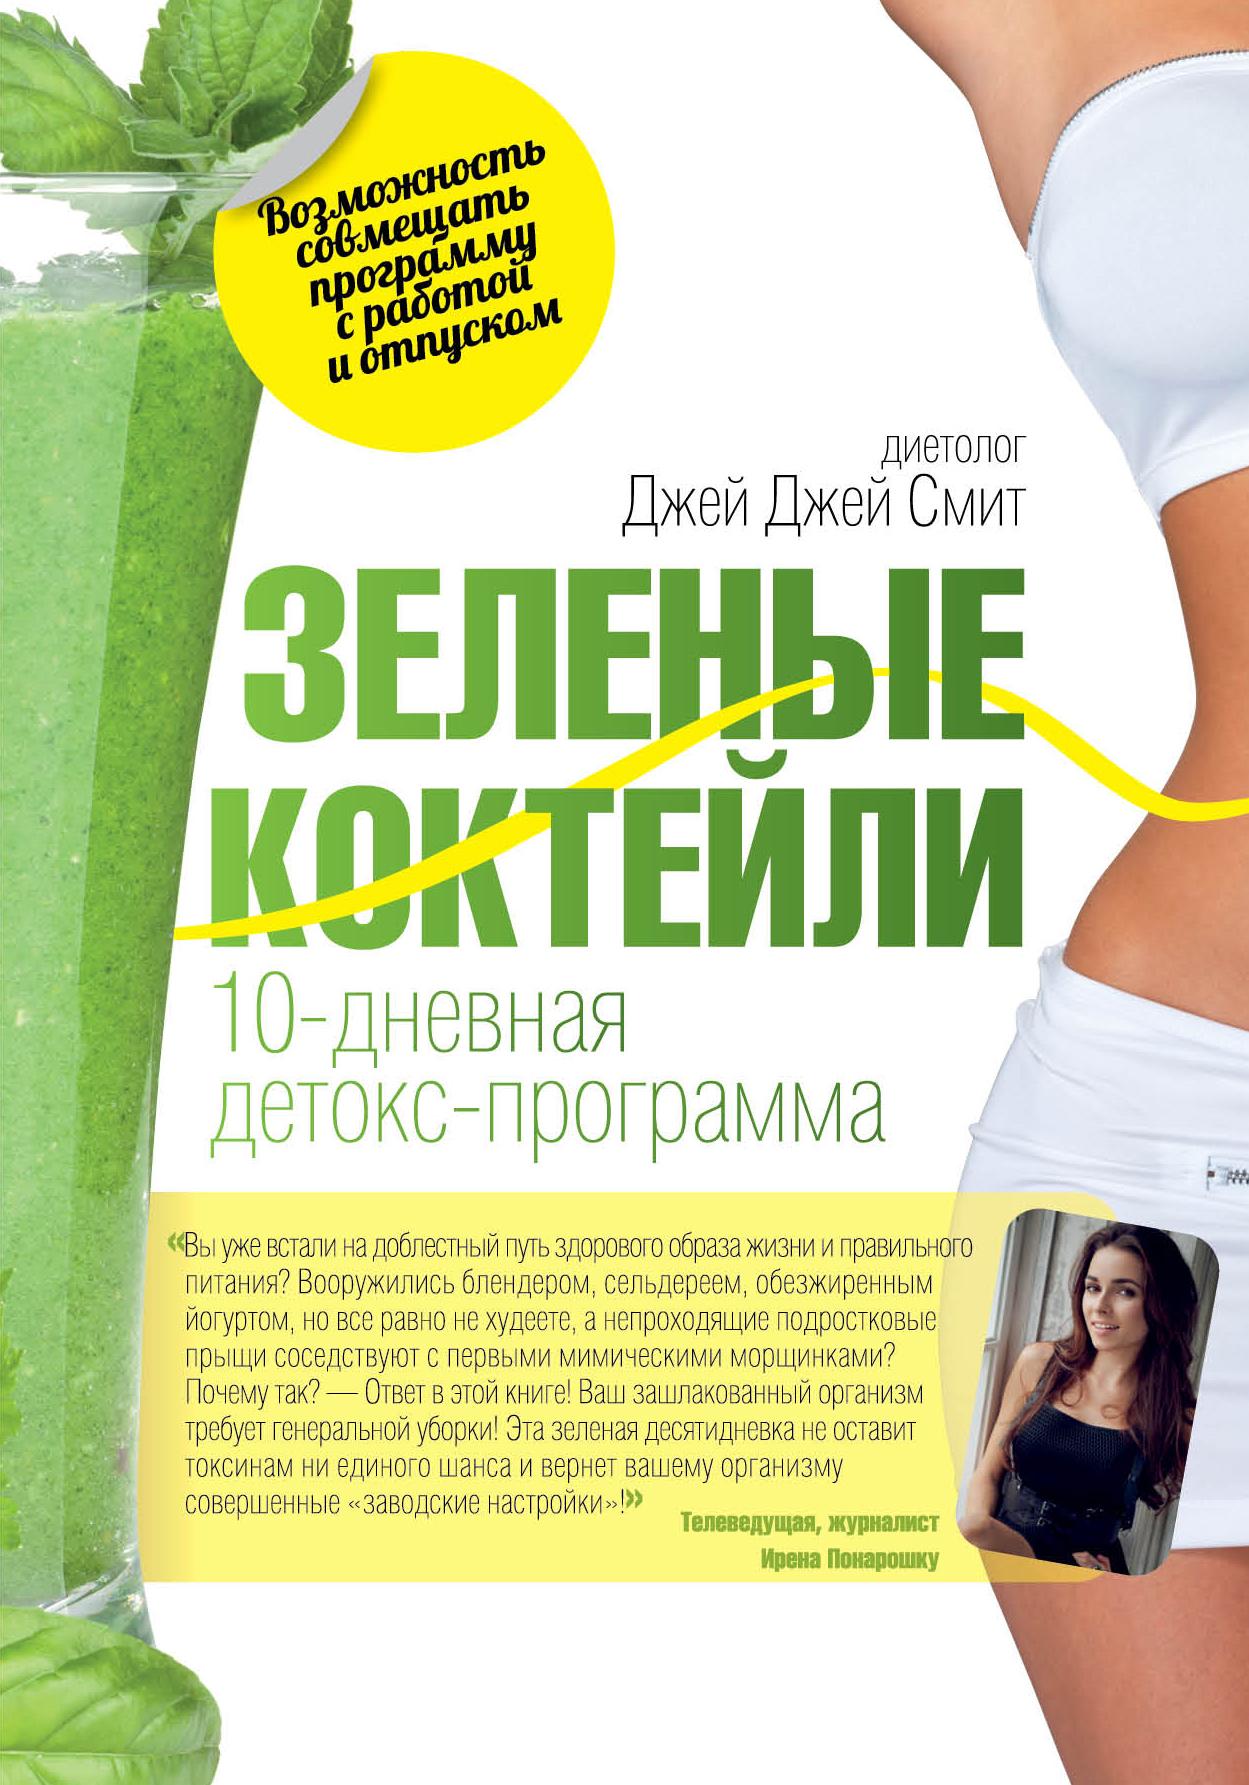 Зеленые коктейли. 10-дневная детокс-программа